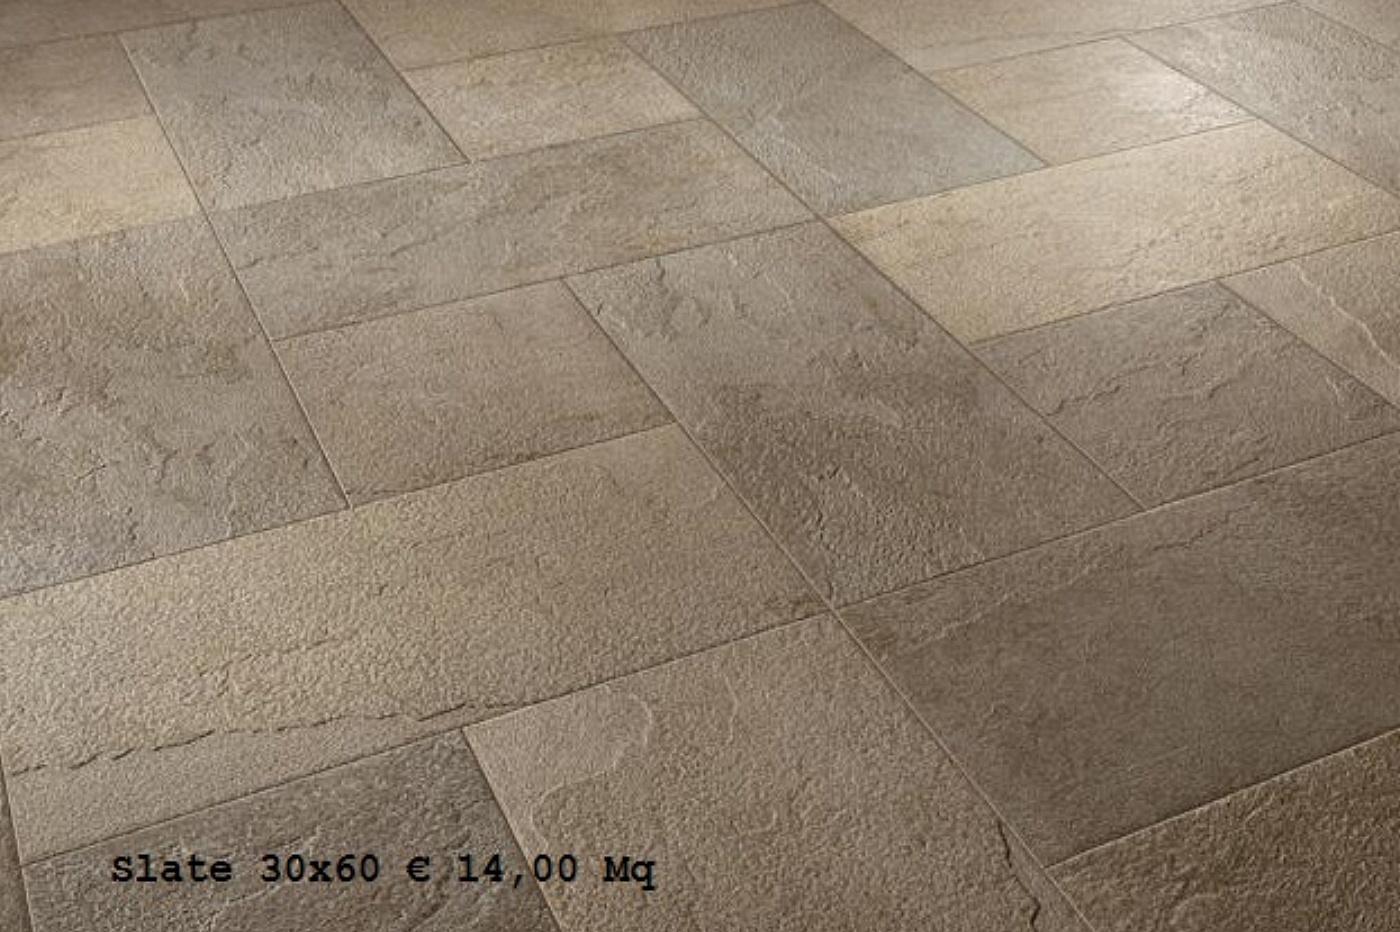 Ceramiche Sassuolo Vendita Diretta.Ceramiche Sassuolo Sm Di Sacchi Marco Pavimenti Per